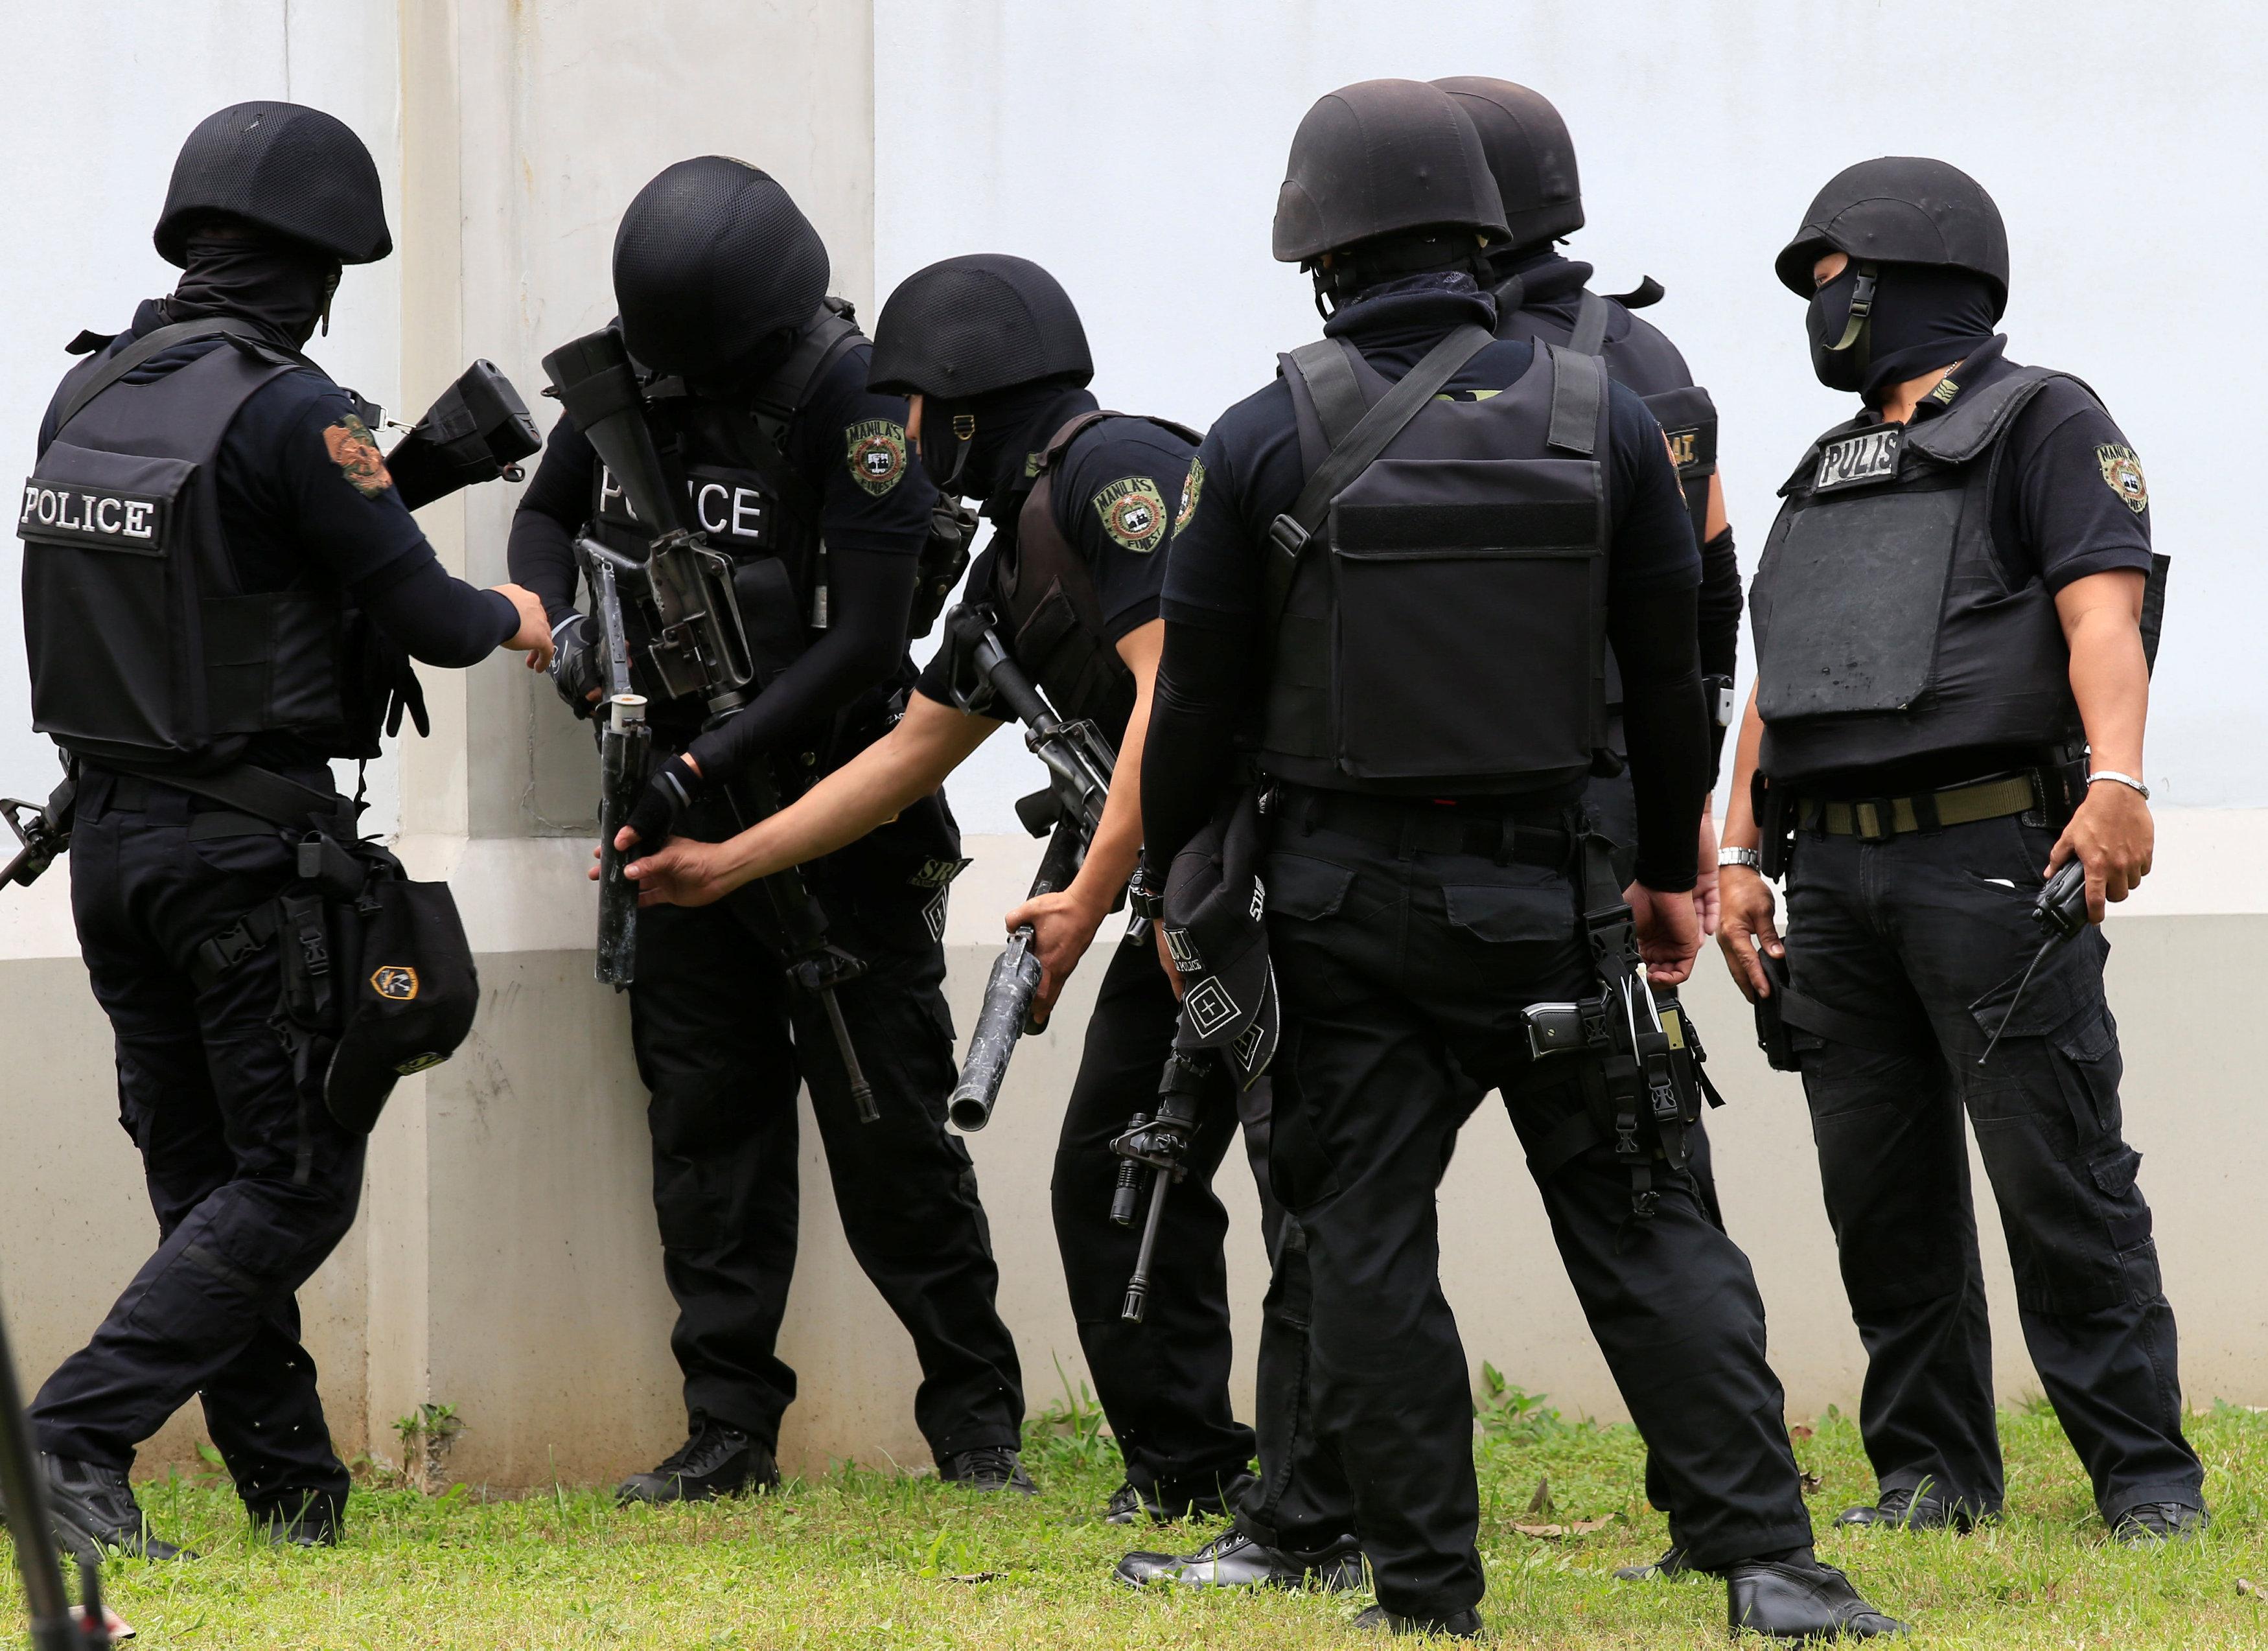 SWAT team prepares tear gas in Philippines